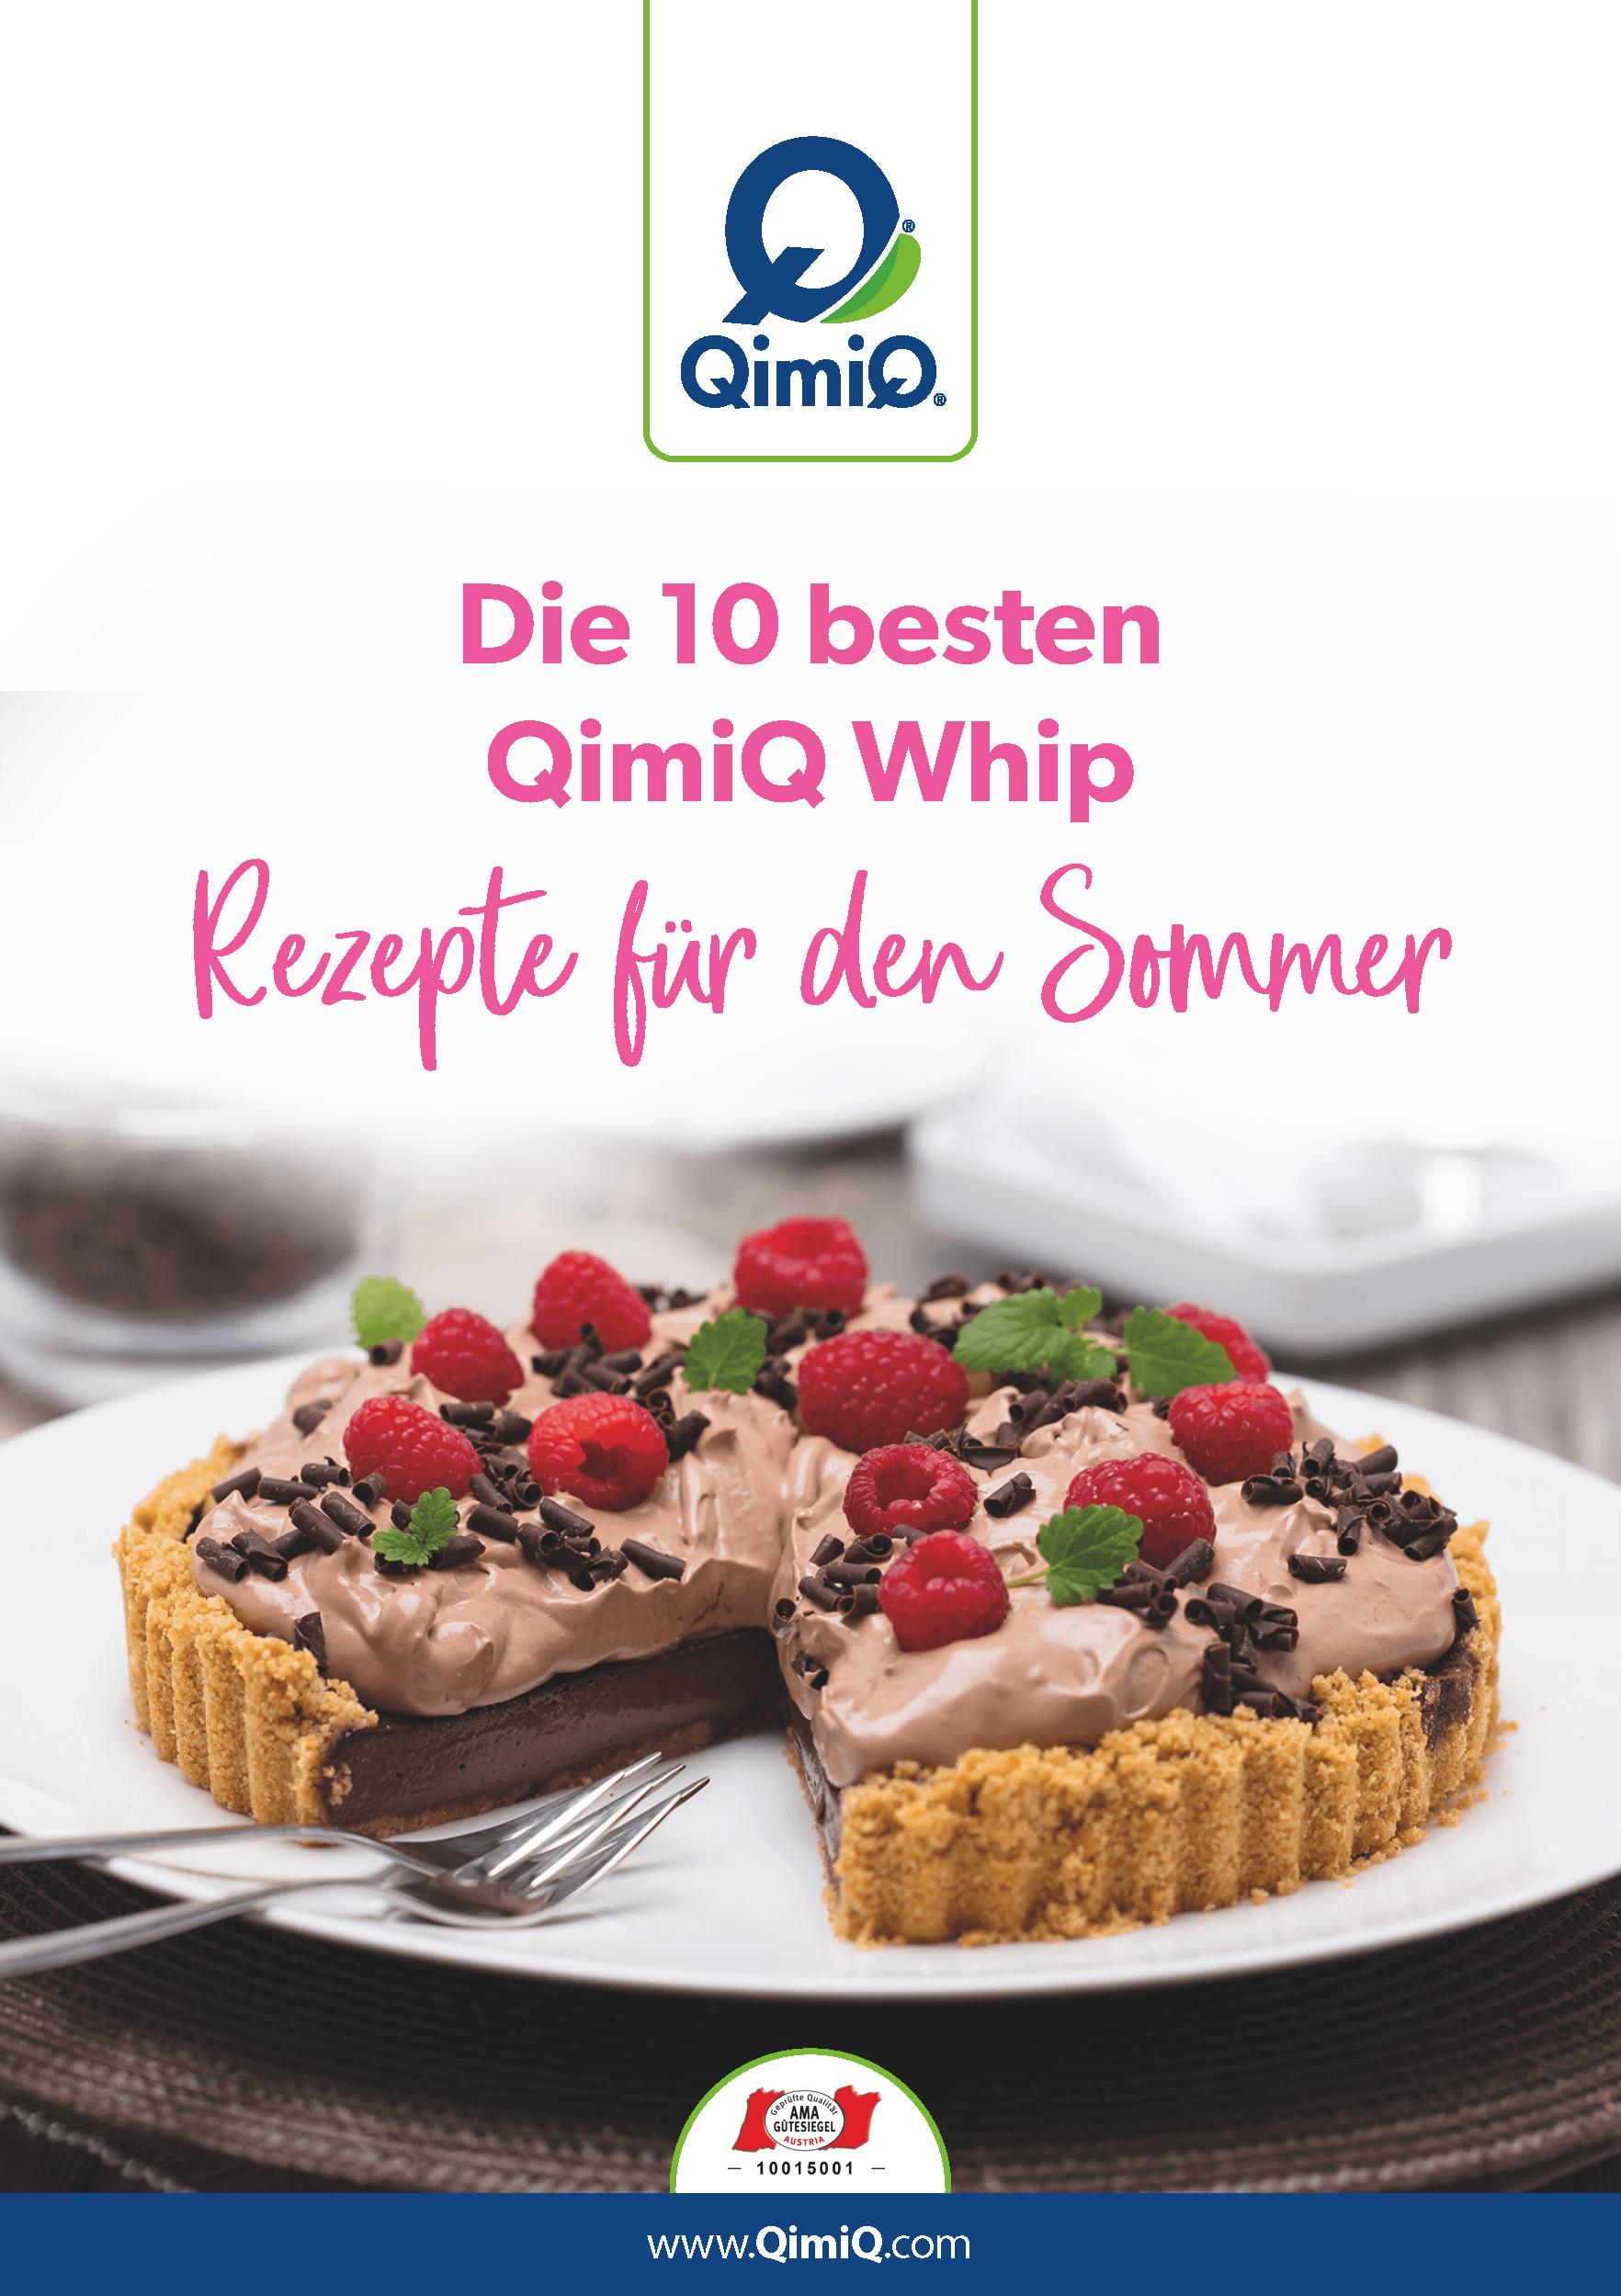 Die 10 besten QimiQ Whip Rezepte für den Sommer